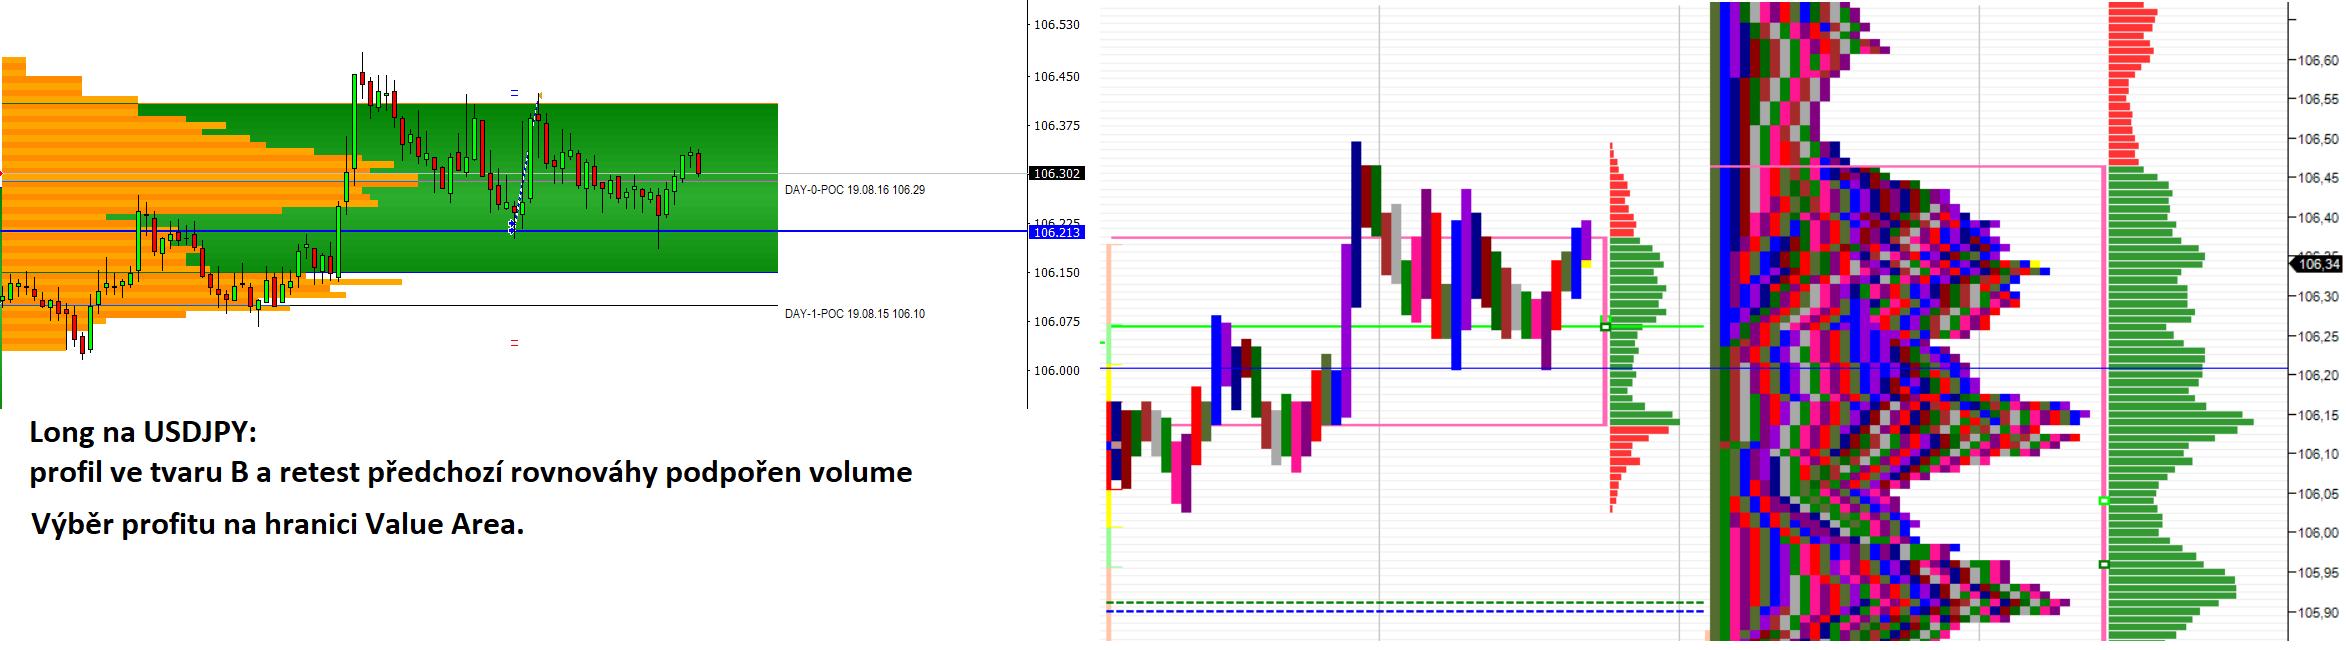 Forex měnový pár USD/JPY a volume profile